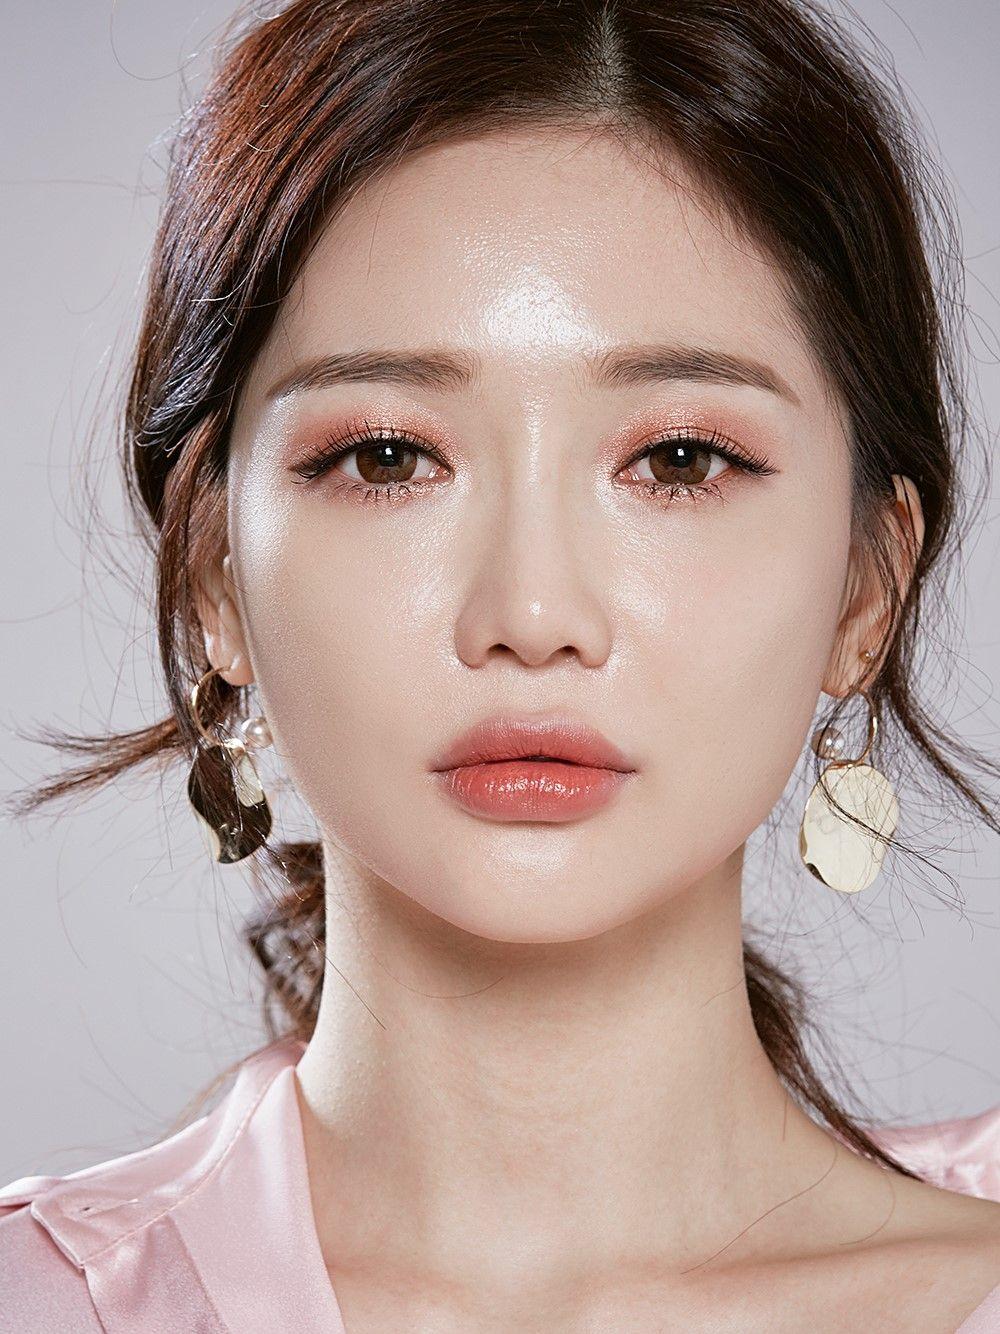 Spring Makeup Korean Makeup 3ce Spring Makeup Asian Makeup